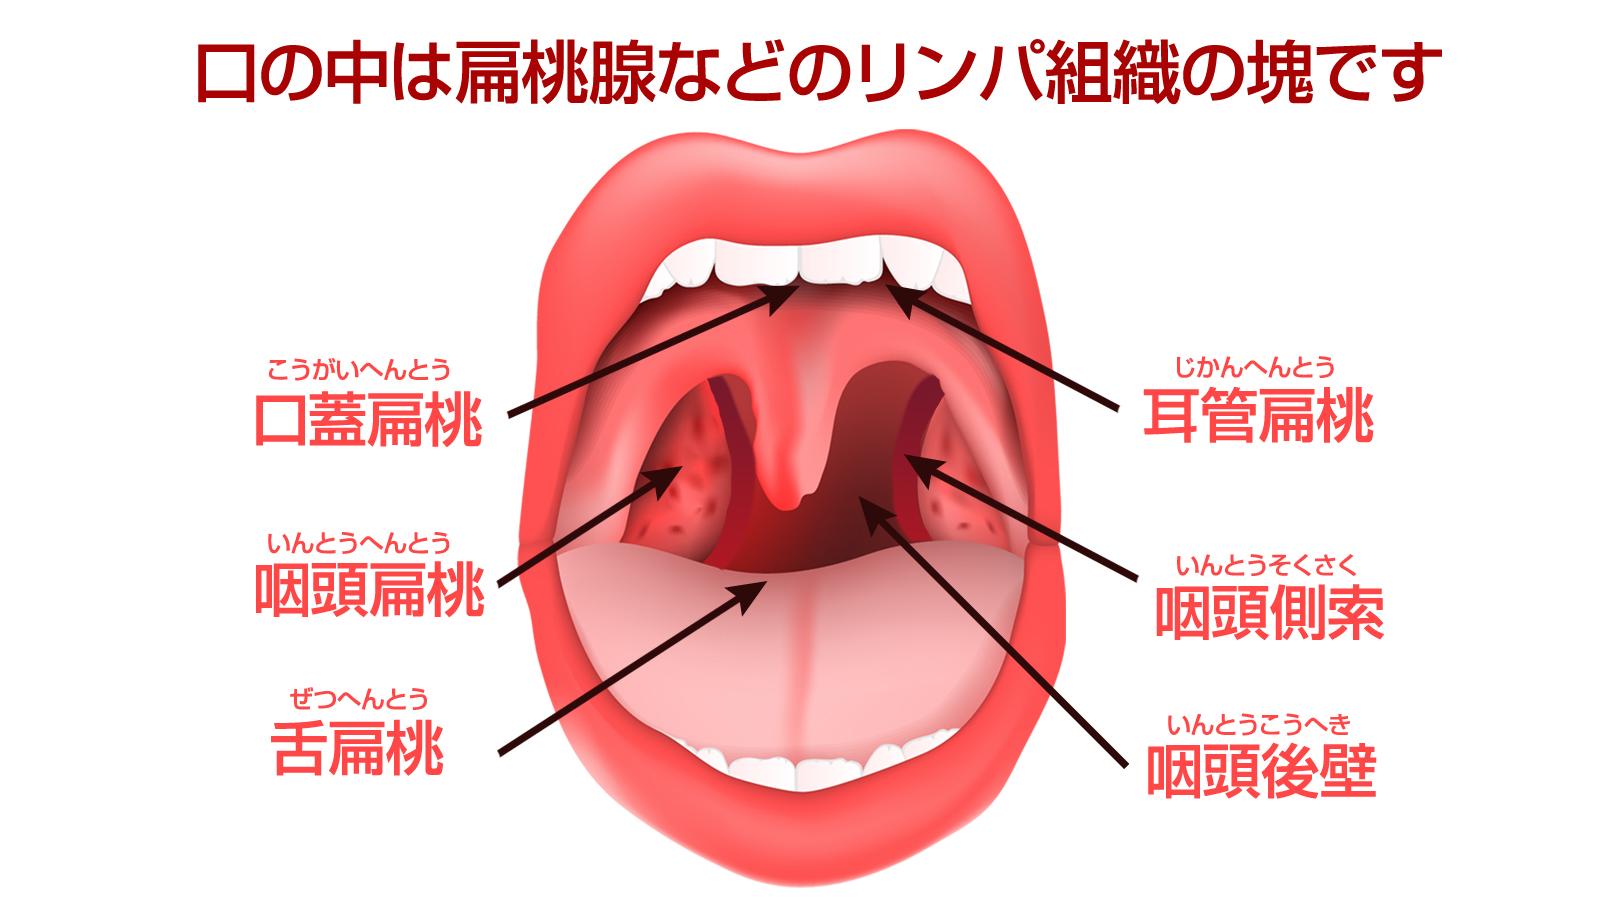 口の中 リンパ組織